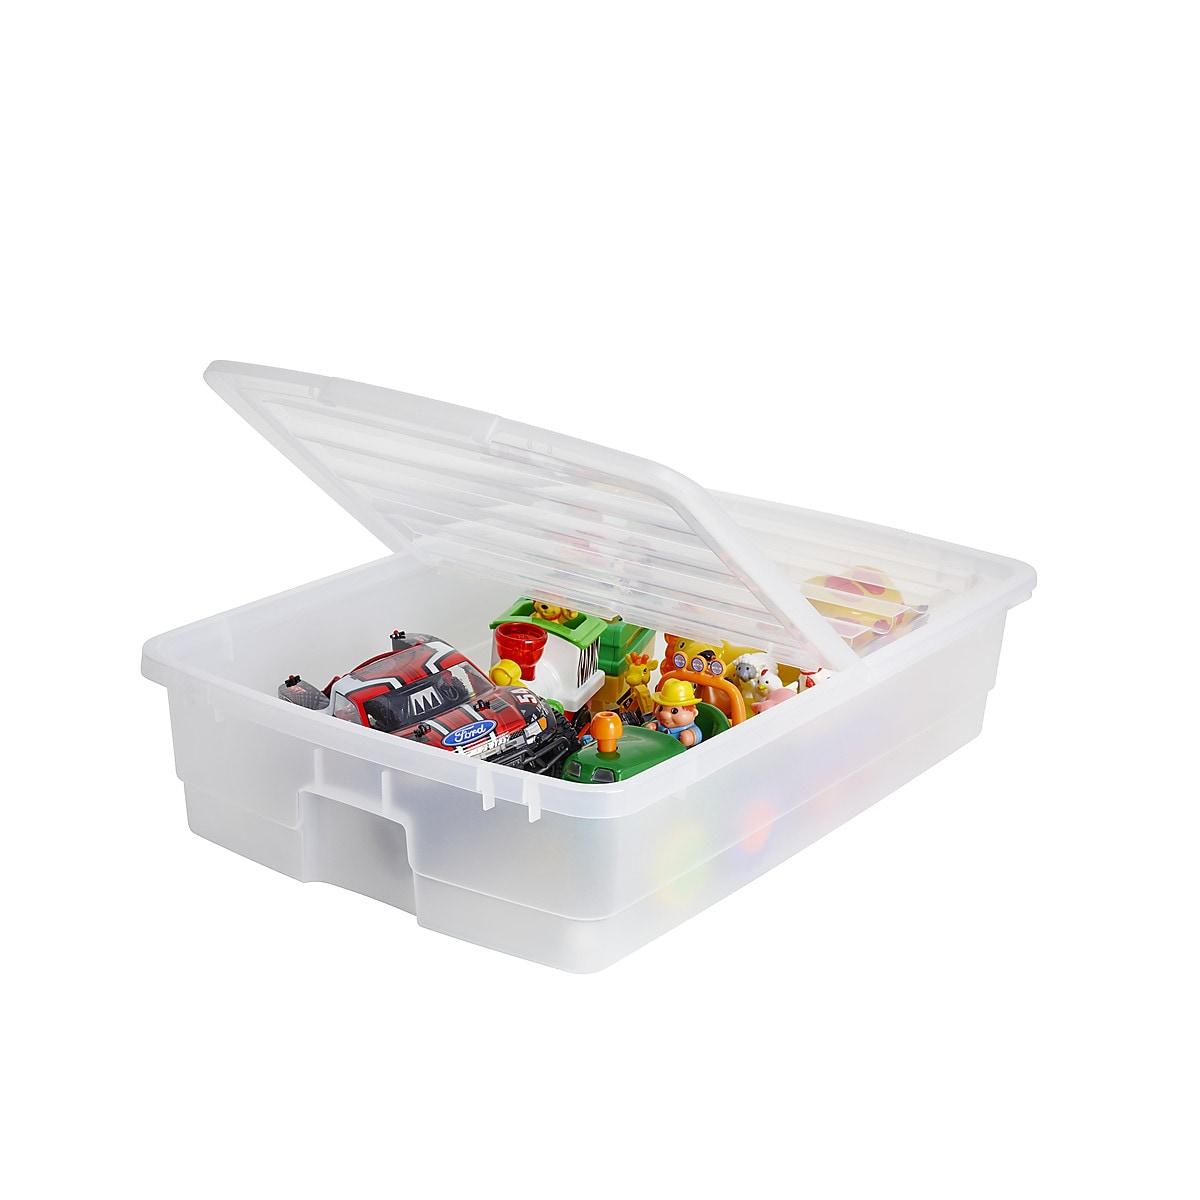 SmartStore Underbed Storage Box